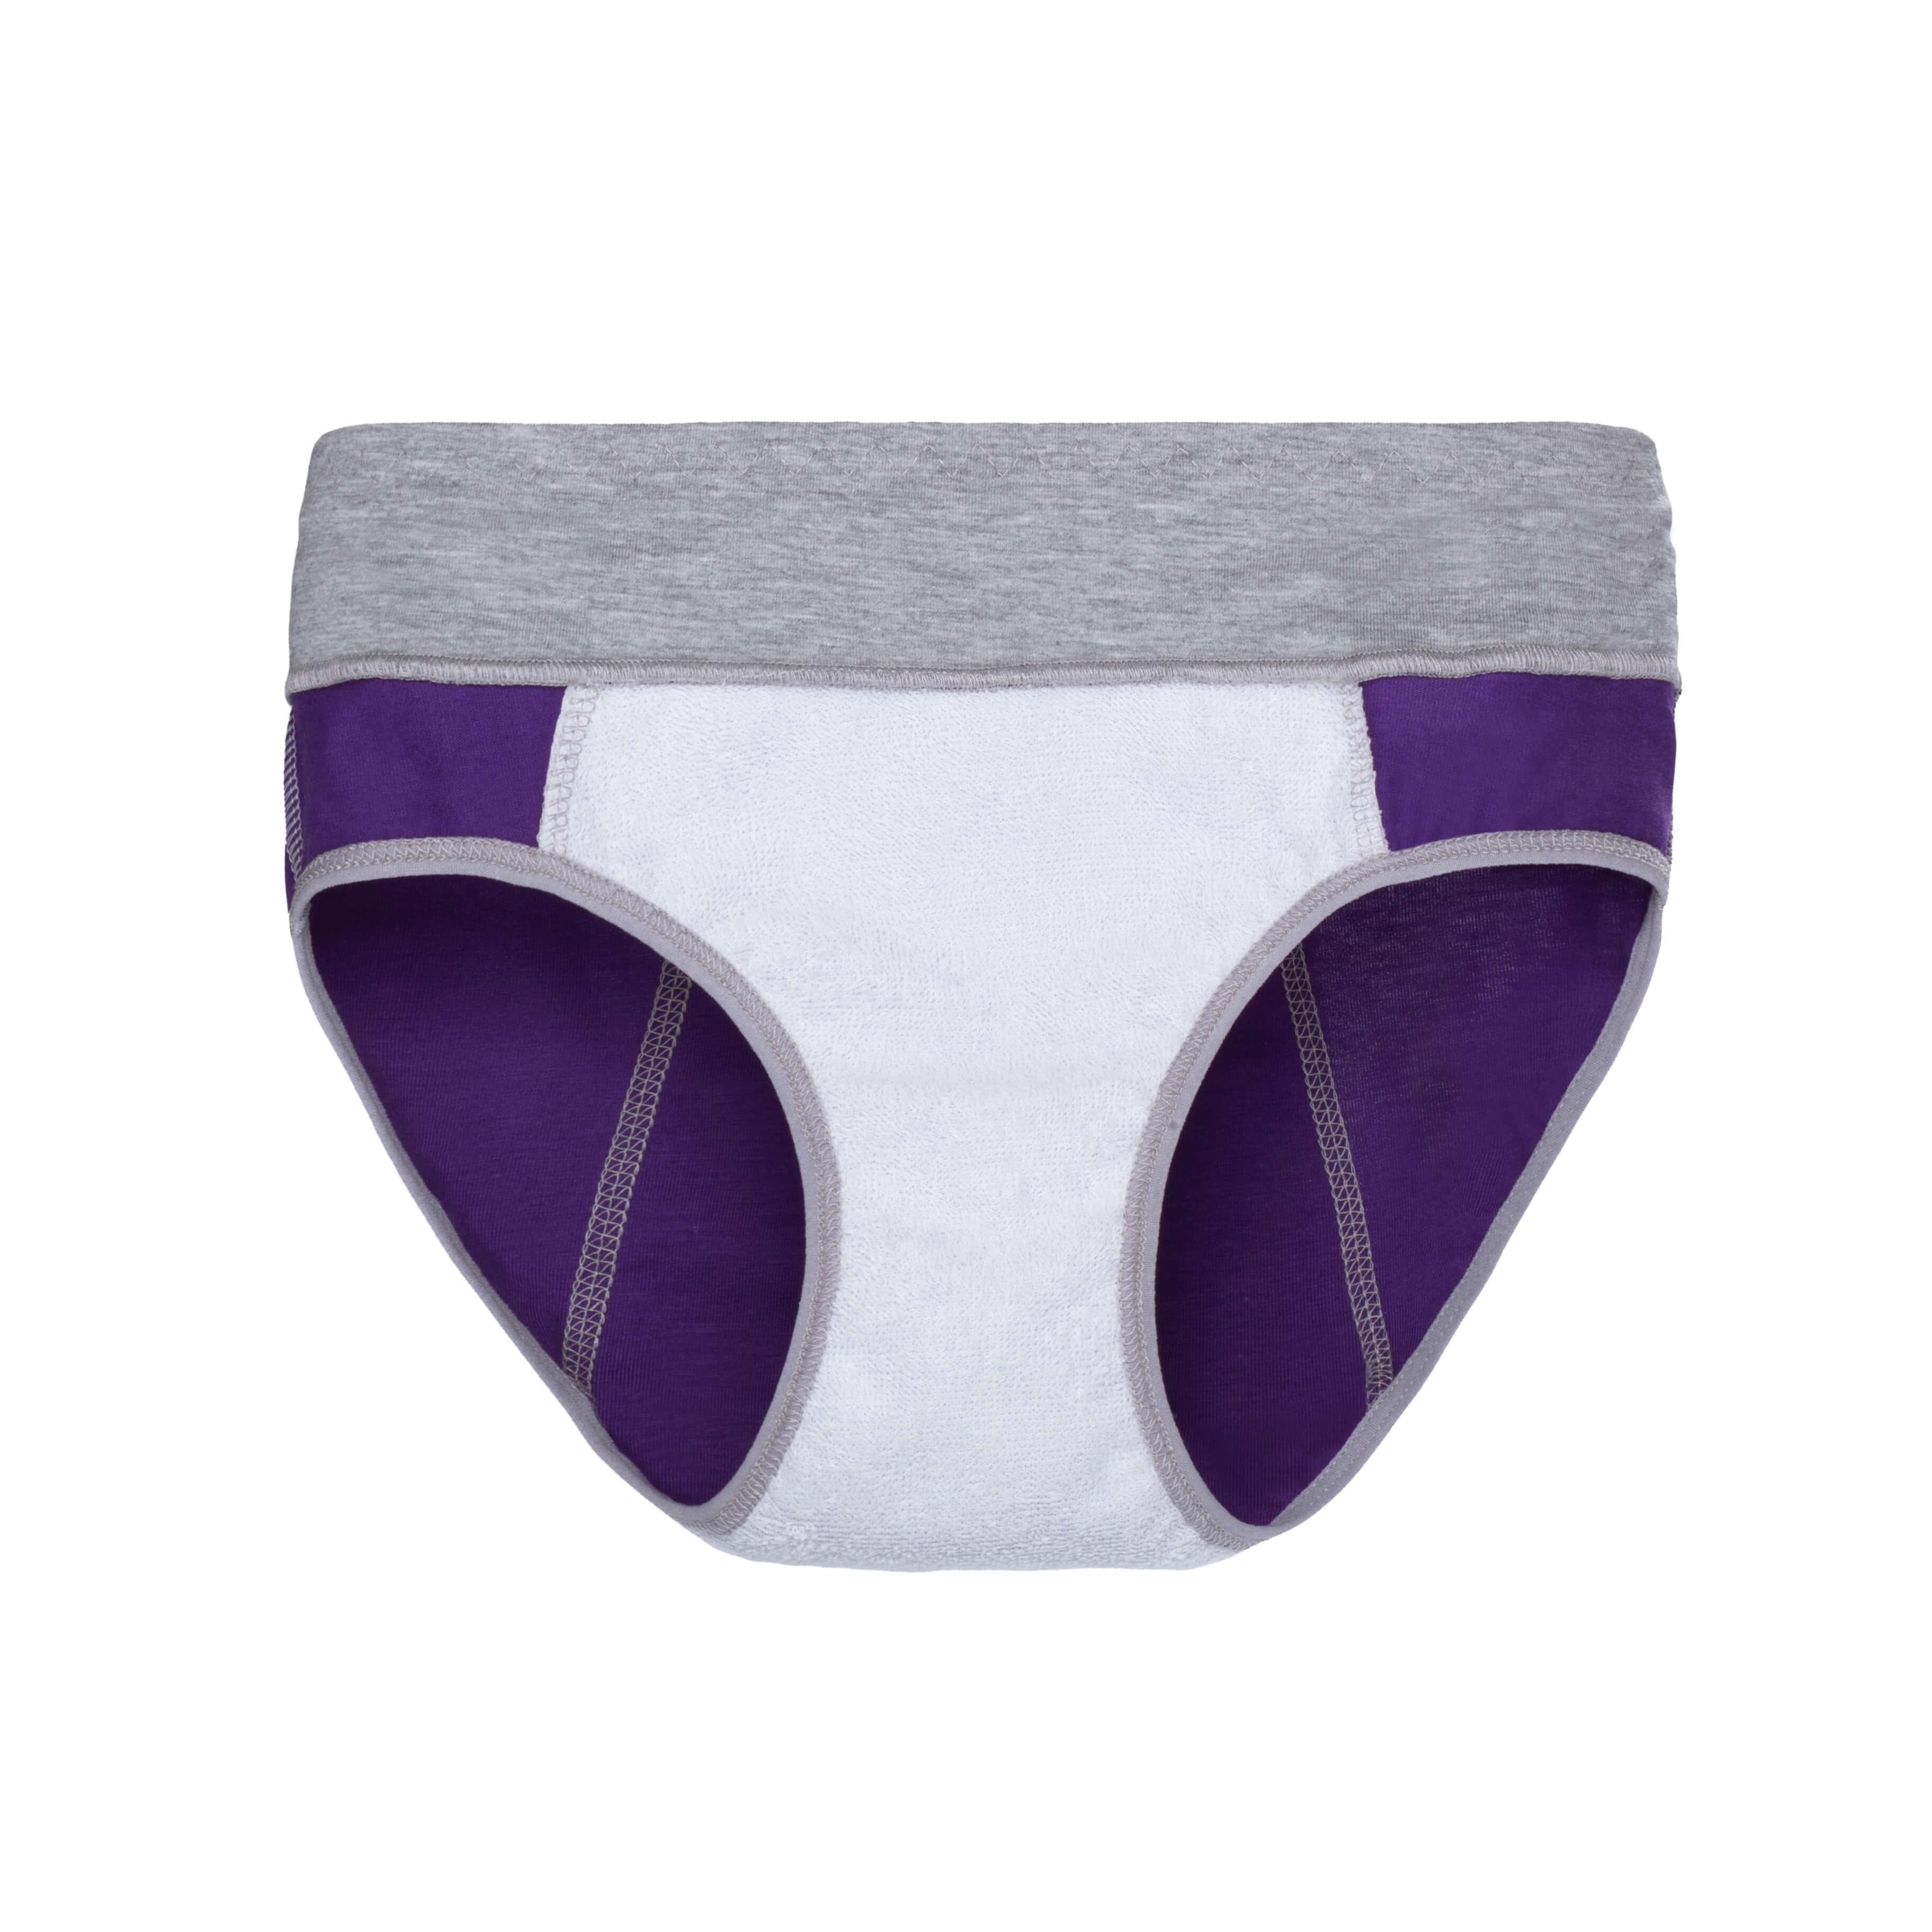 Спорт+ трусики фіолетові з захисною подовженою ластовицею - Фото 2